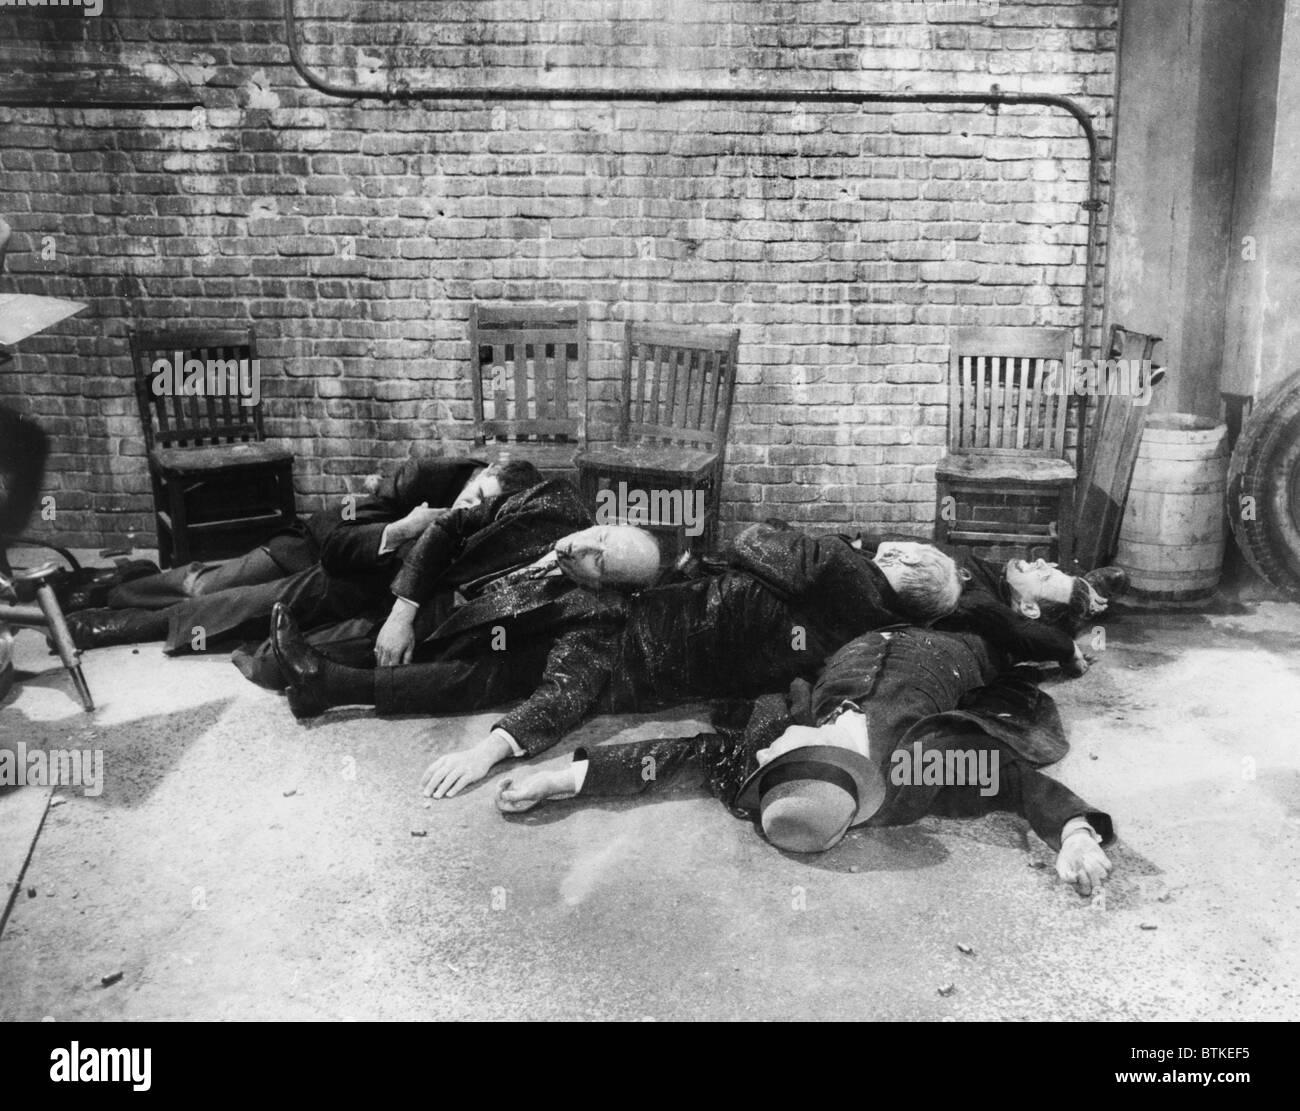 Re-Inszenierung des Valentinstag-Massakers von Cormans 1967 Film, THE ST. VALENTINE'S DAY MASSACRE. Stockbild